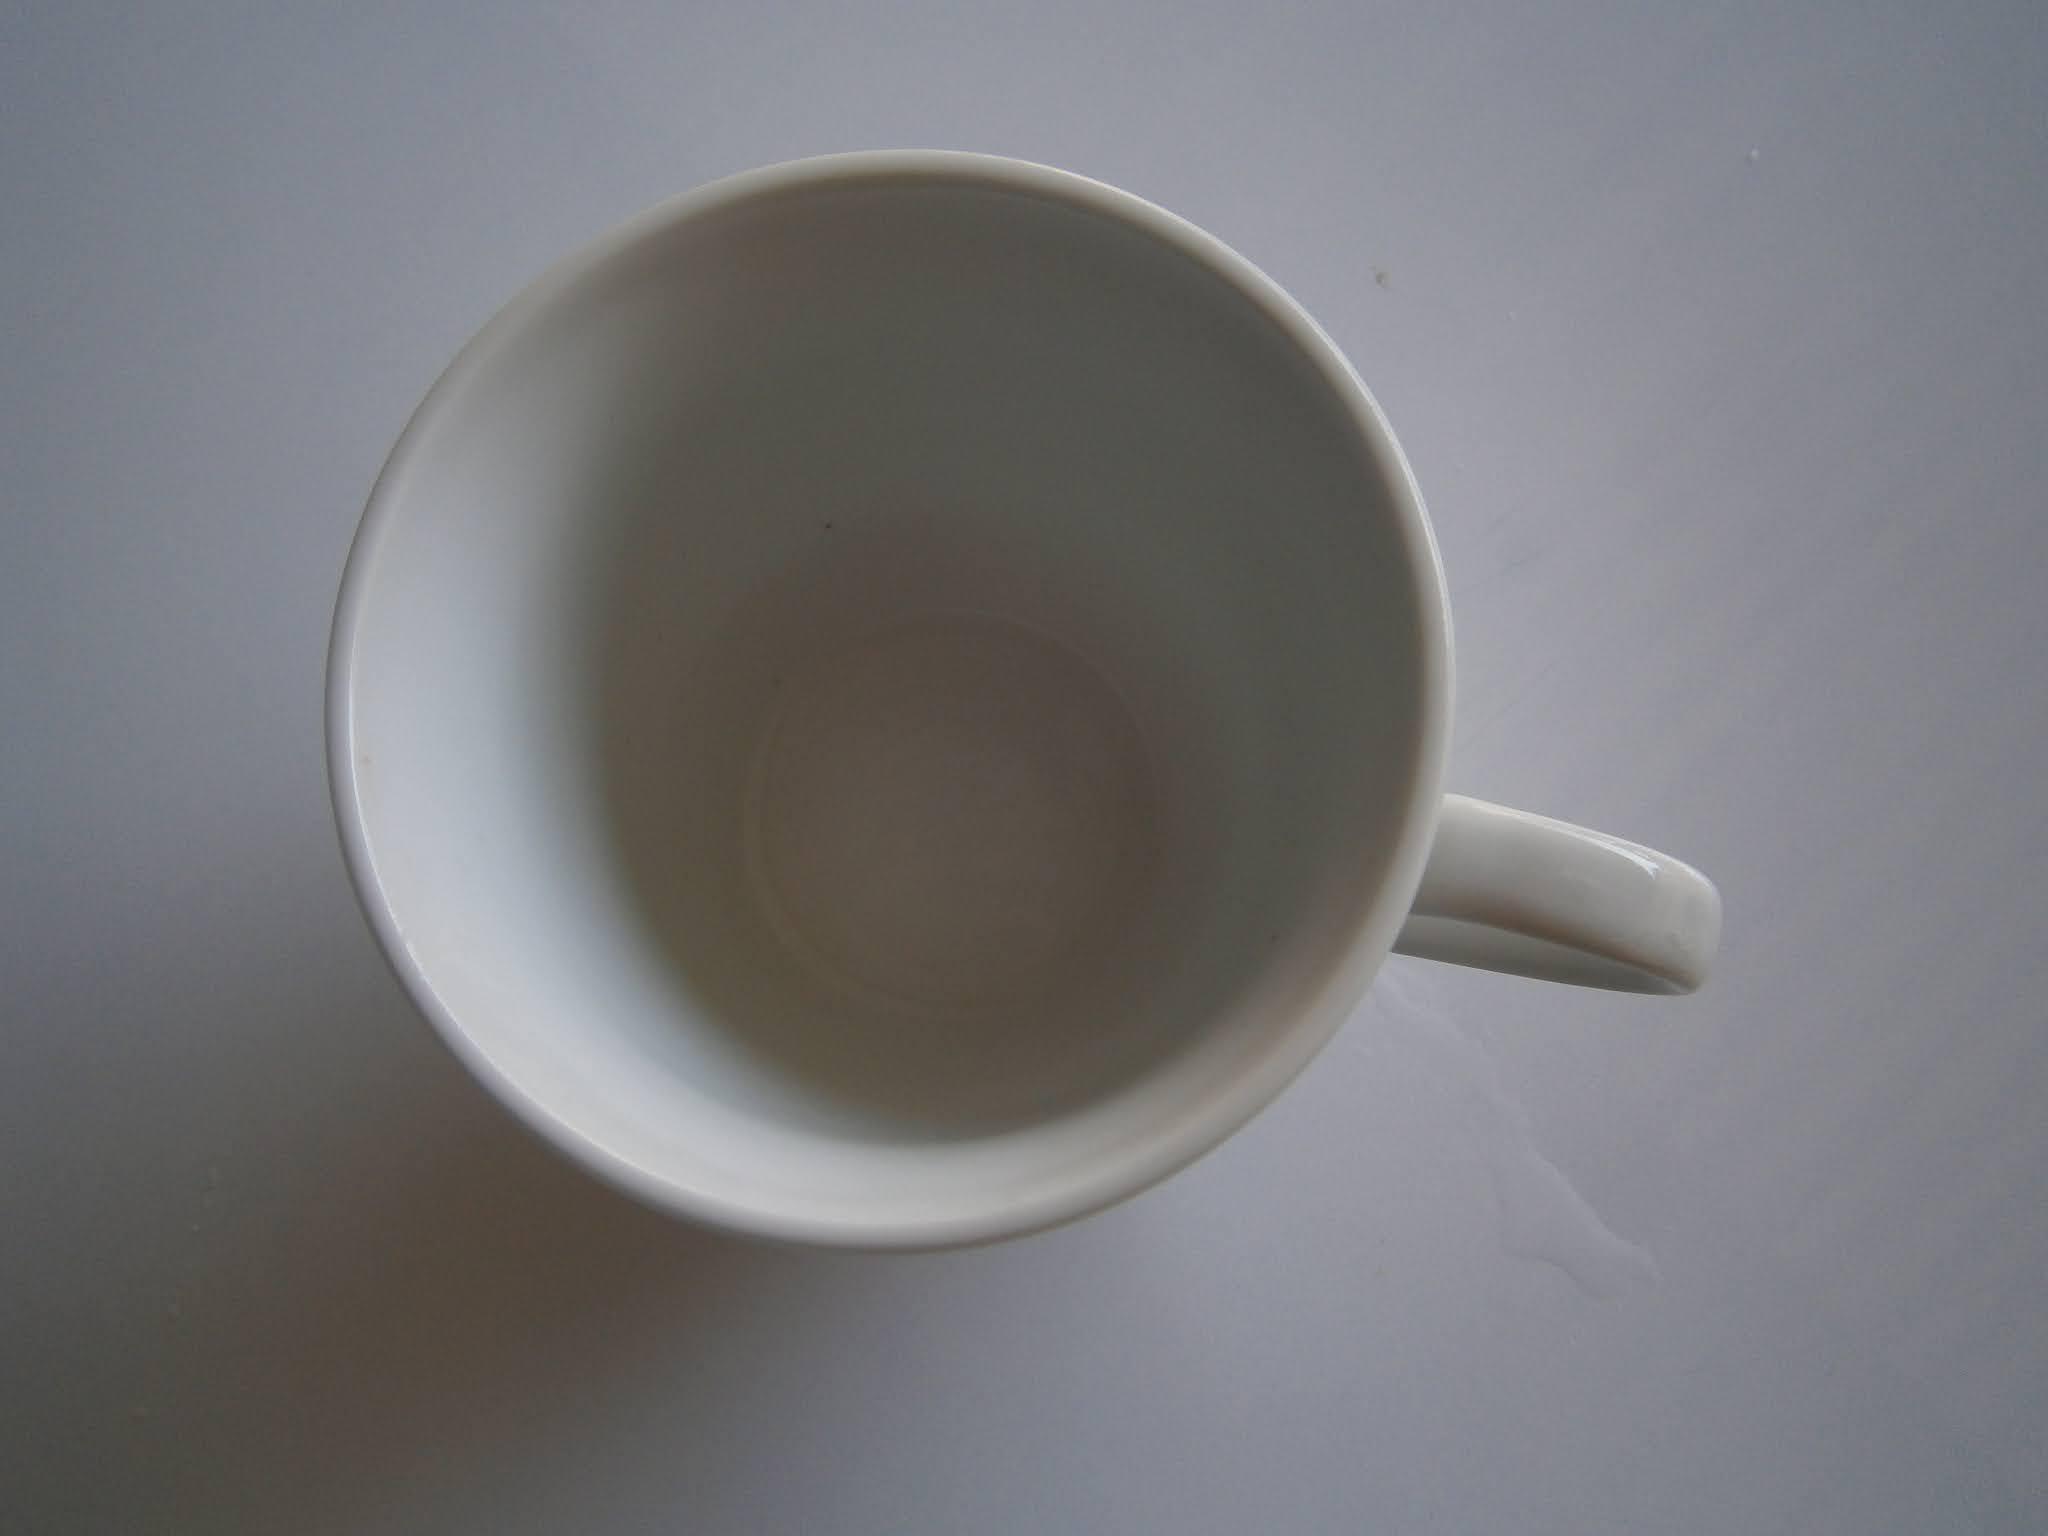 Taza de café puesto sobre un fondo de color blanco para decoración